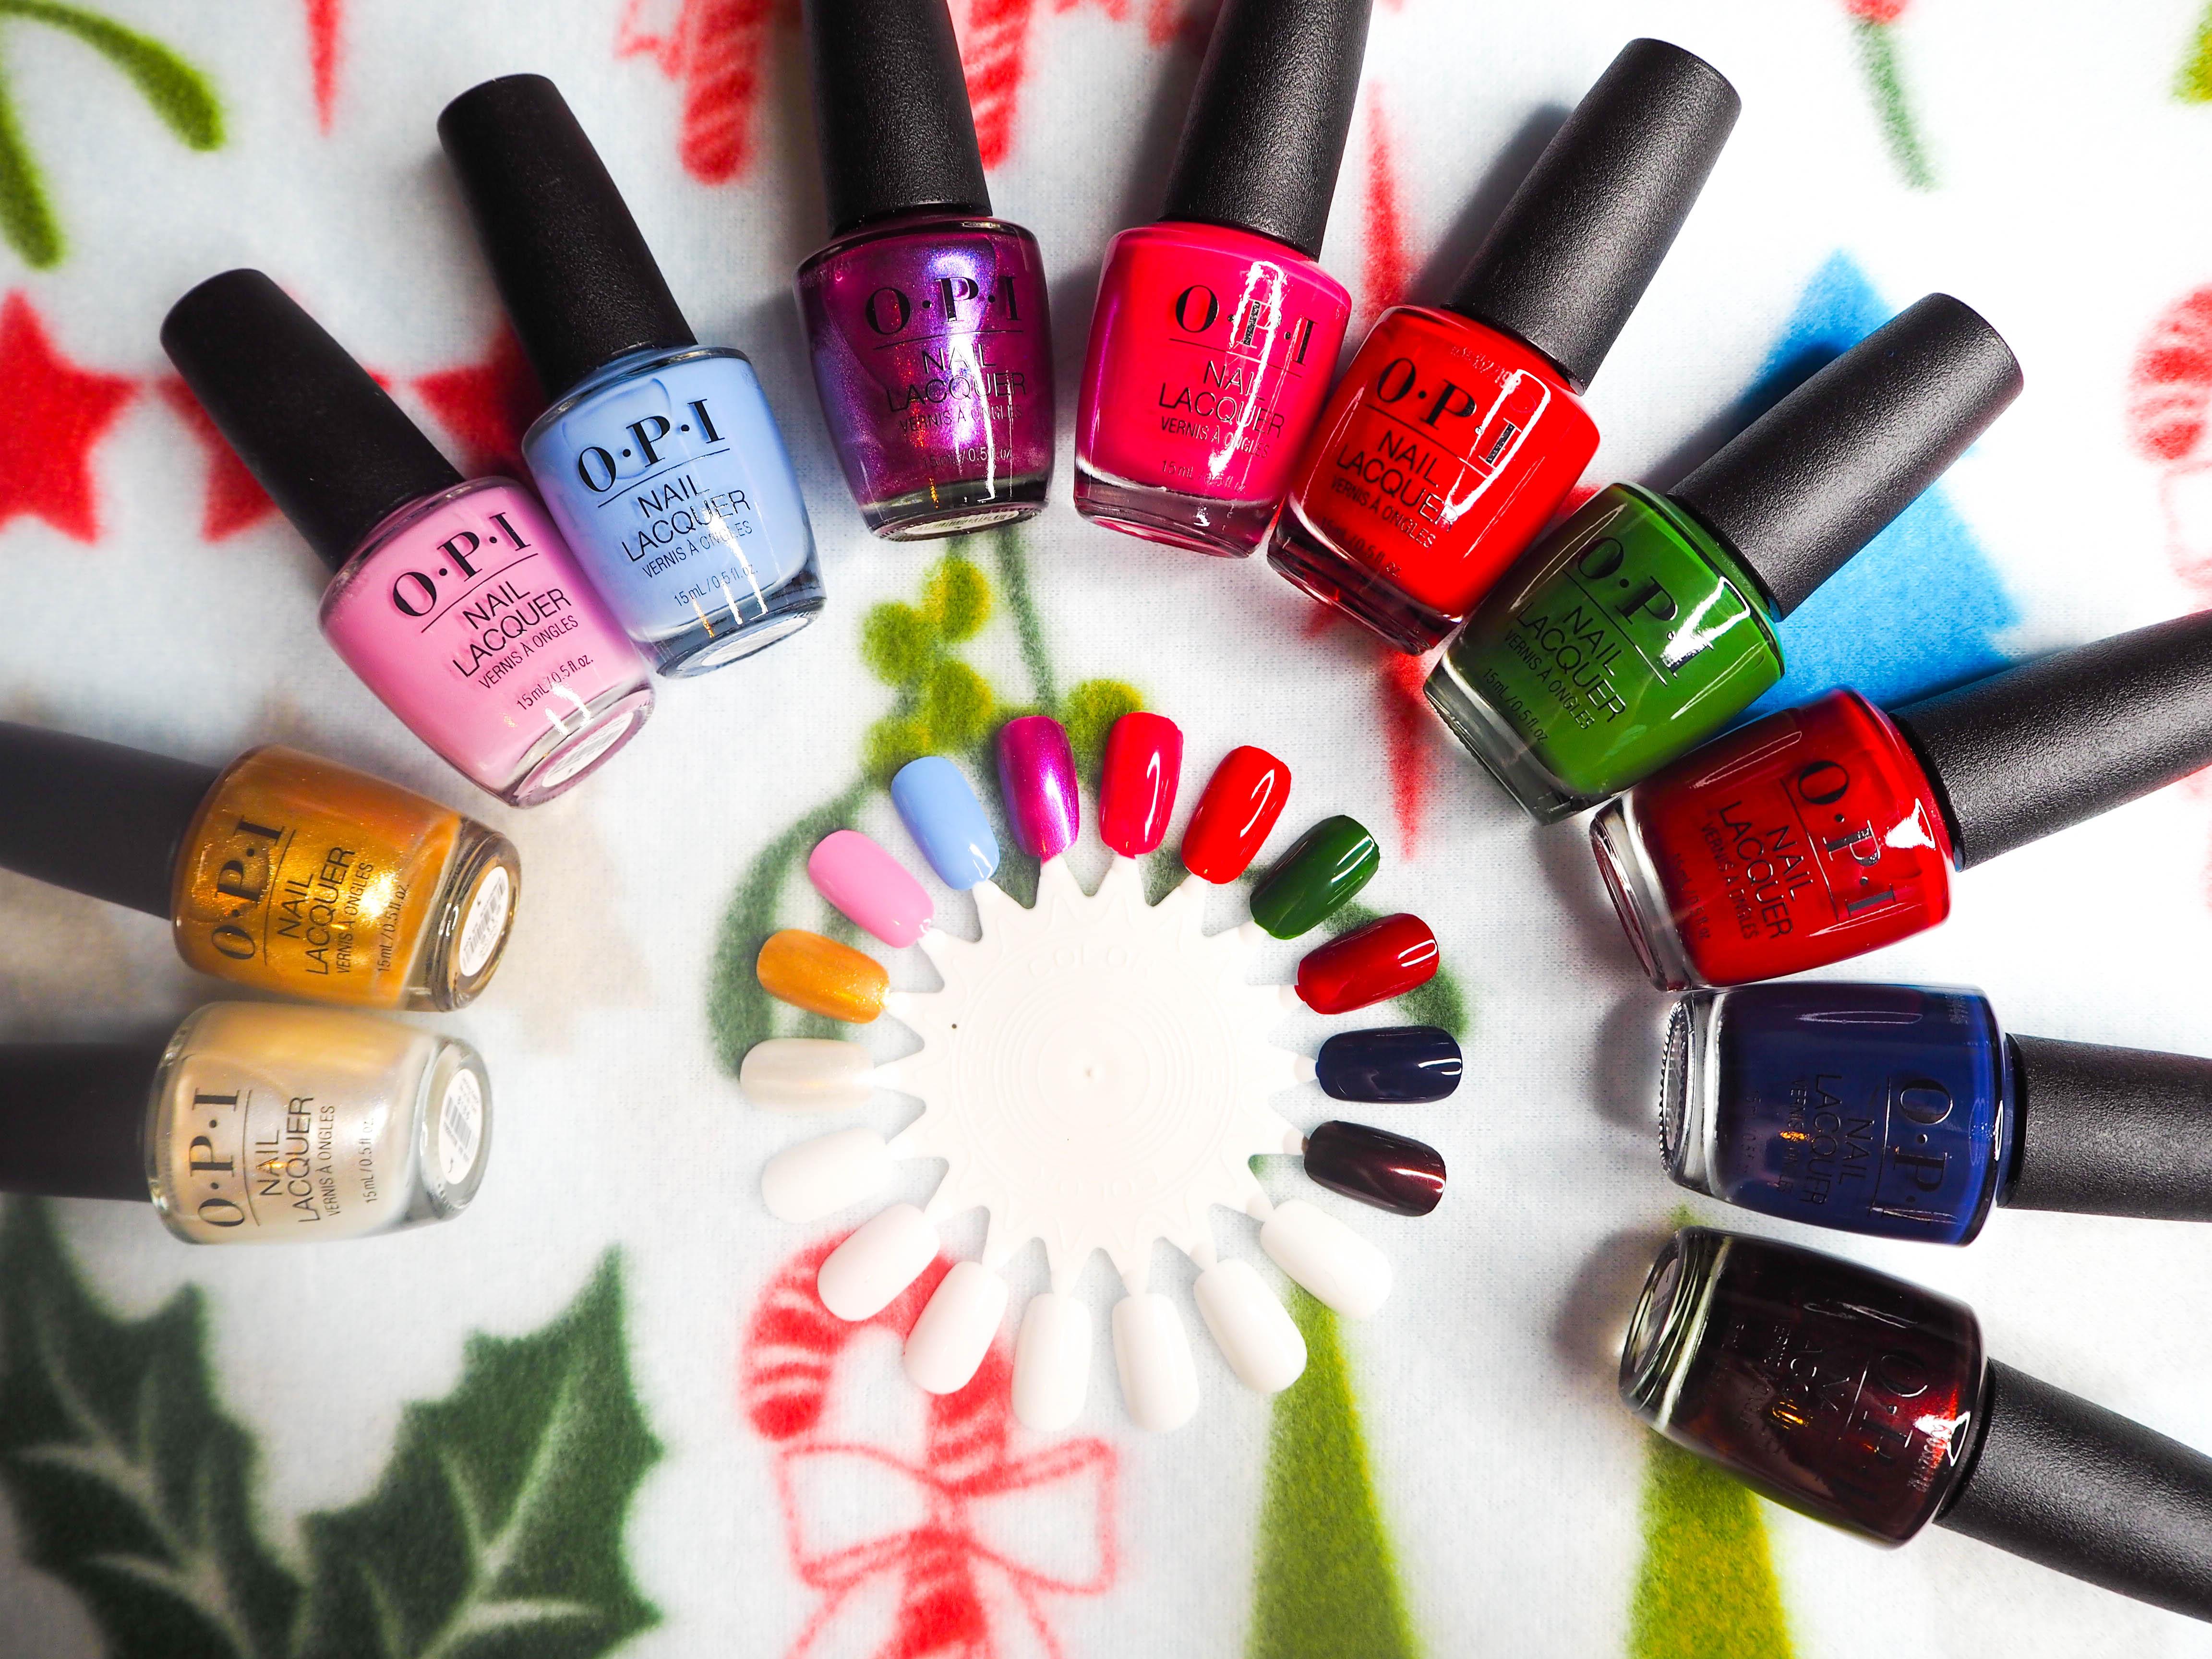 OPI Nutcracker Collection